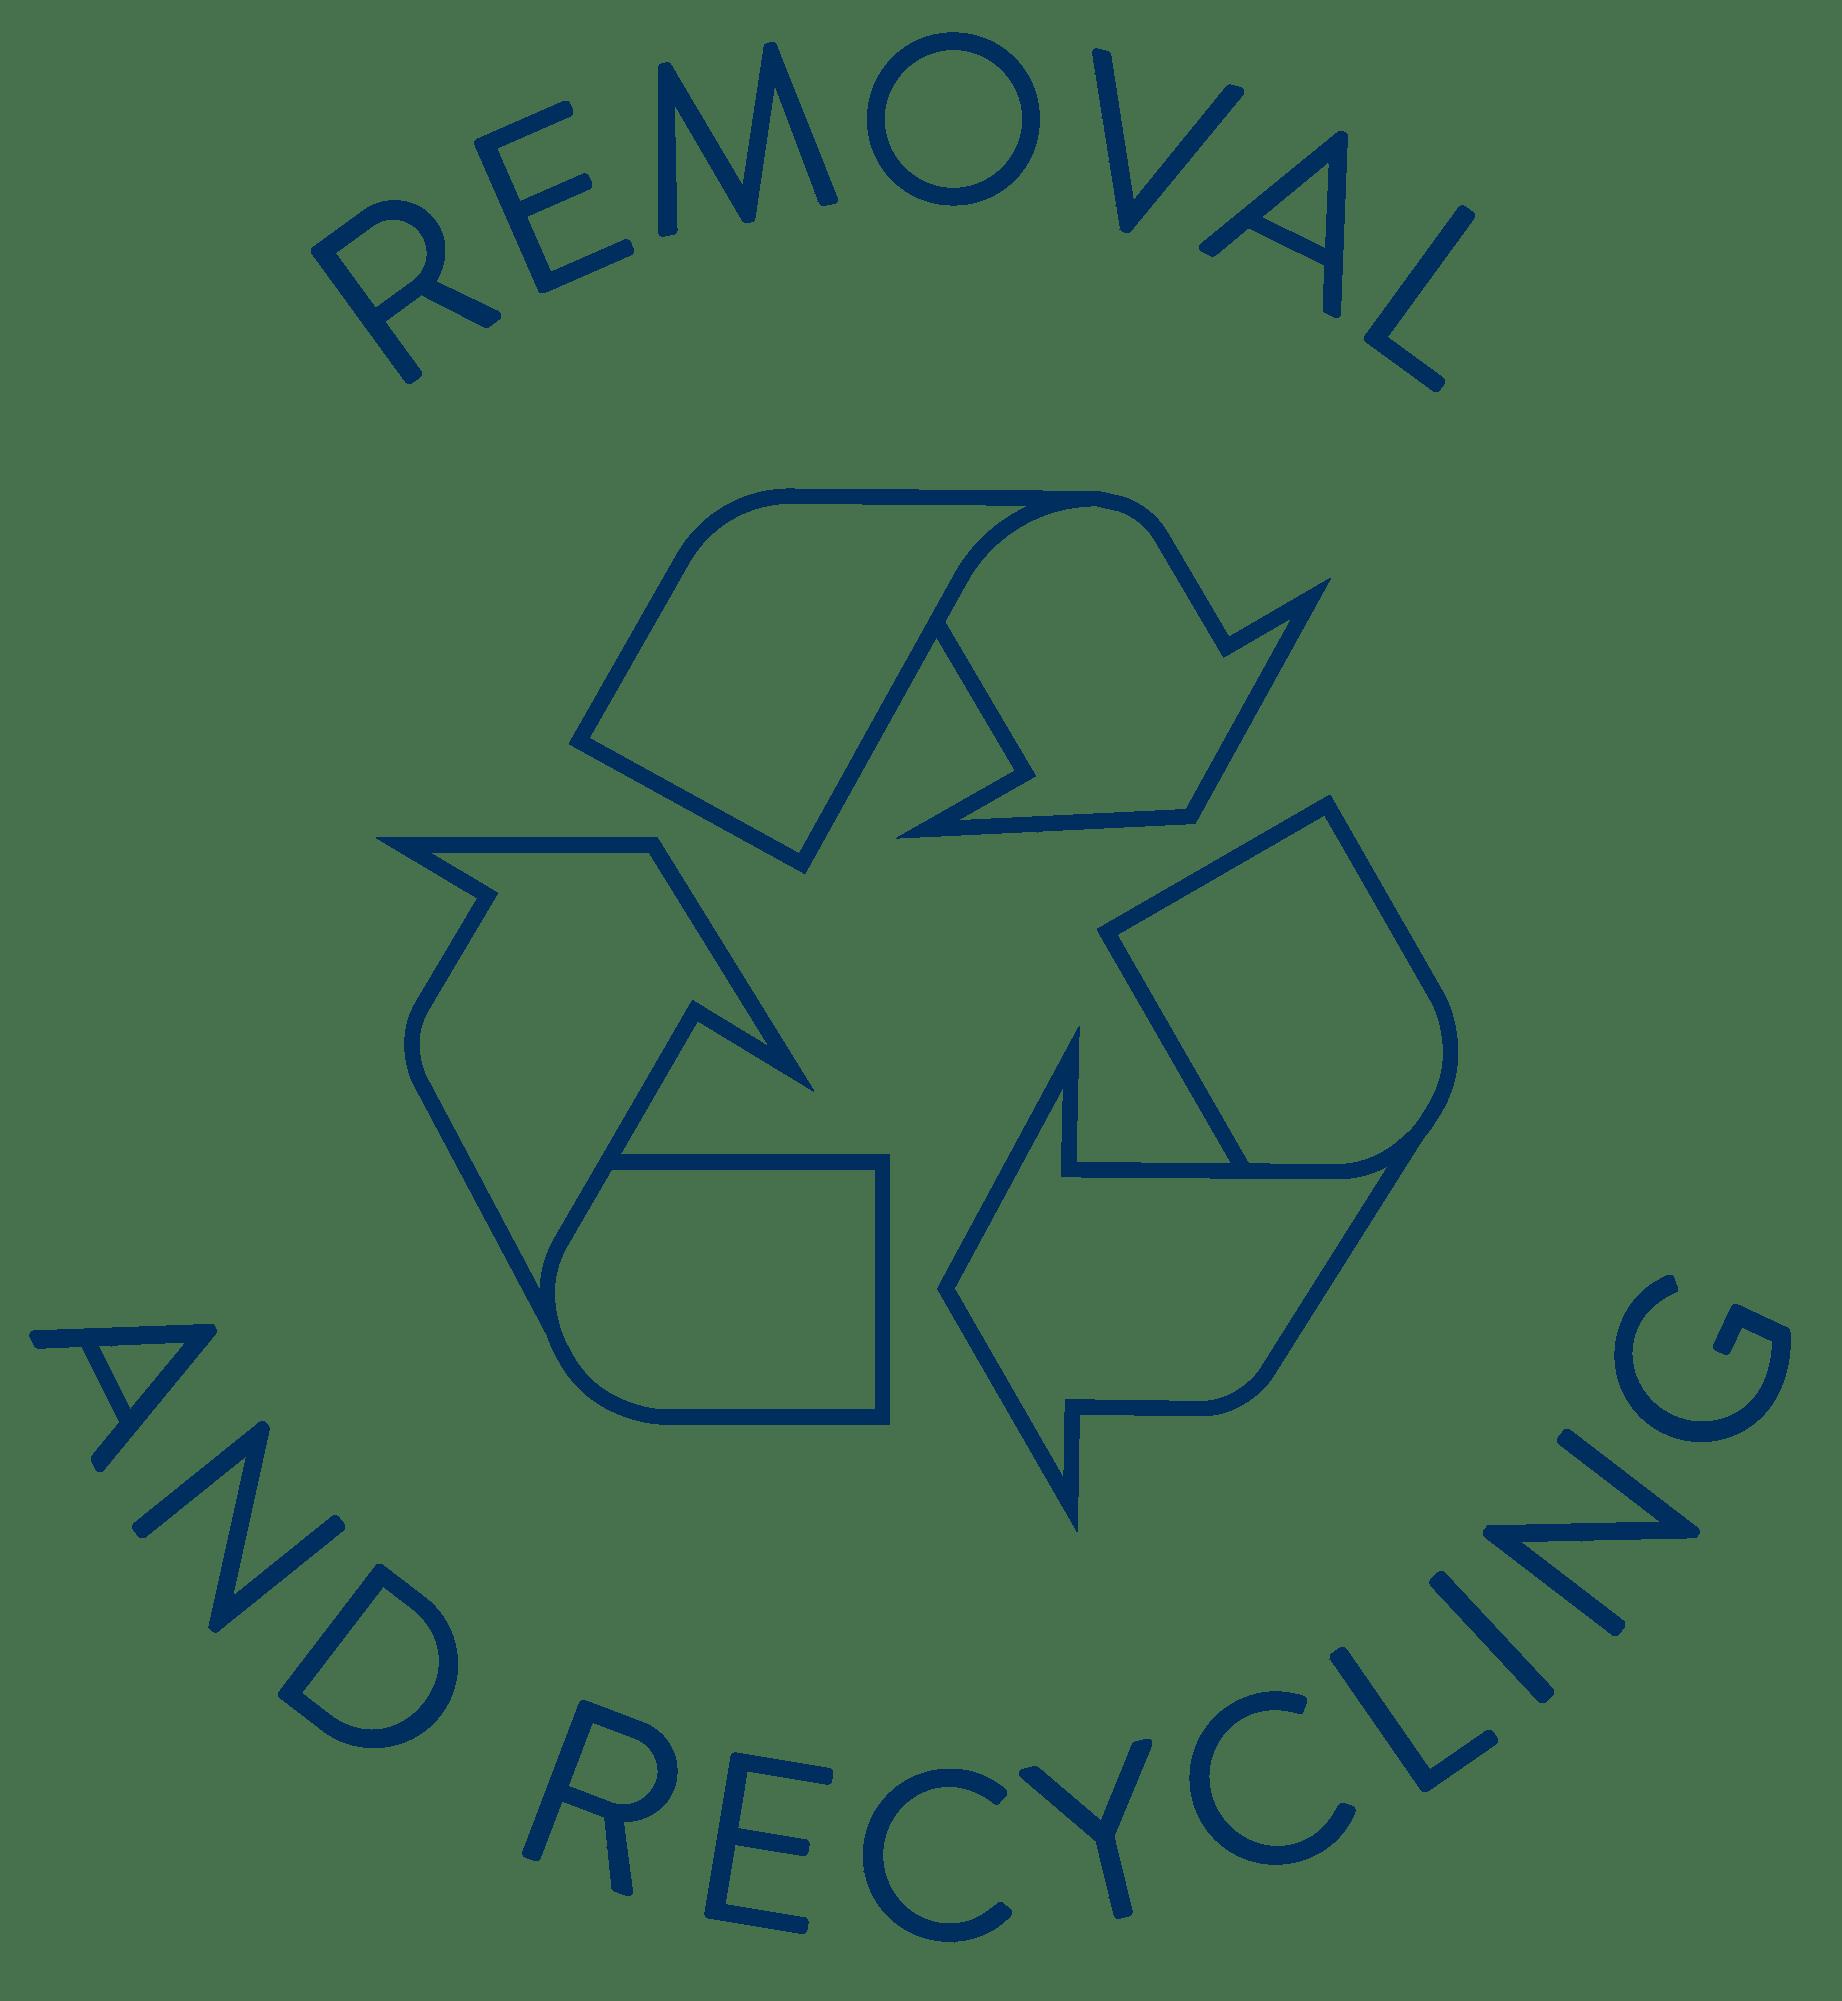 Removal_NAVY-e1583313451836